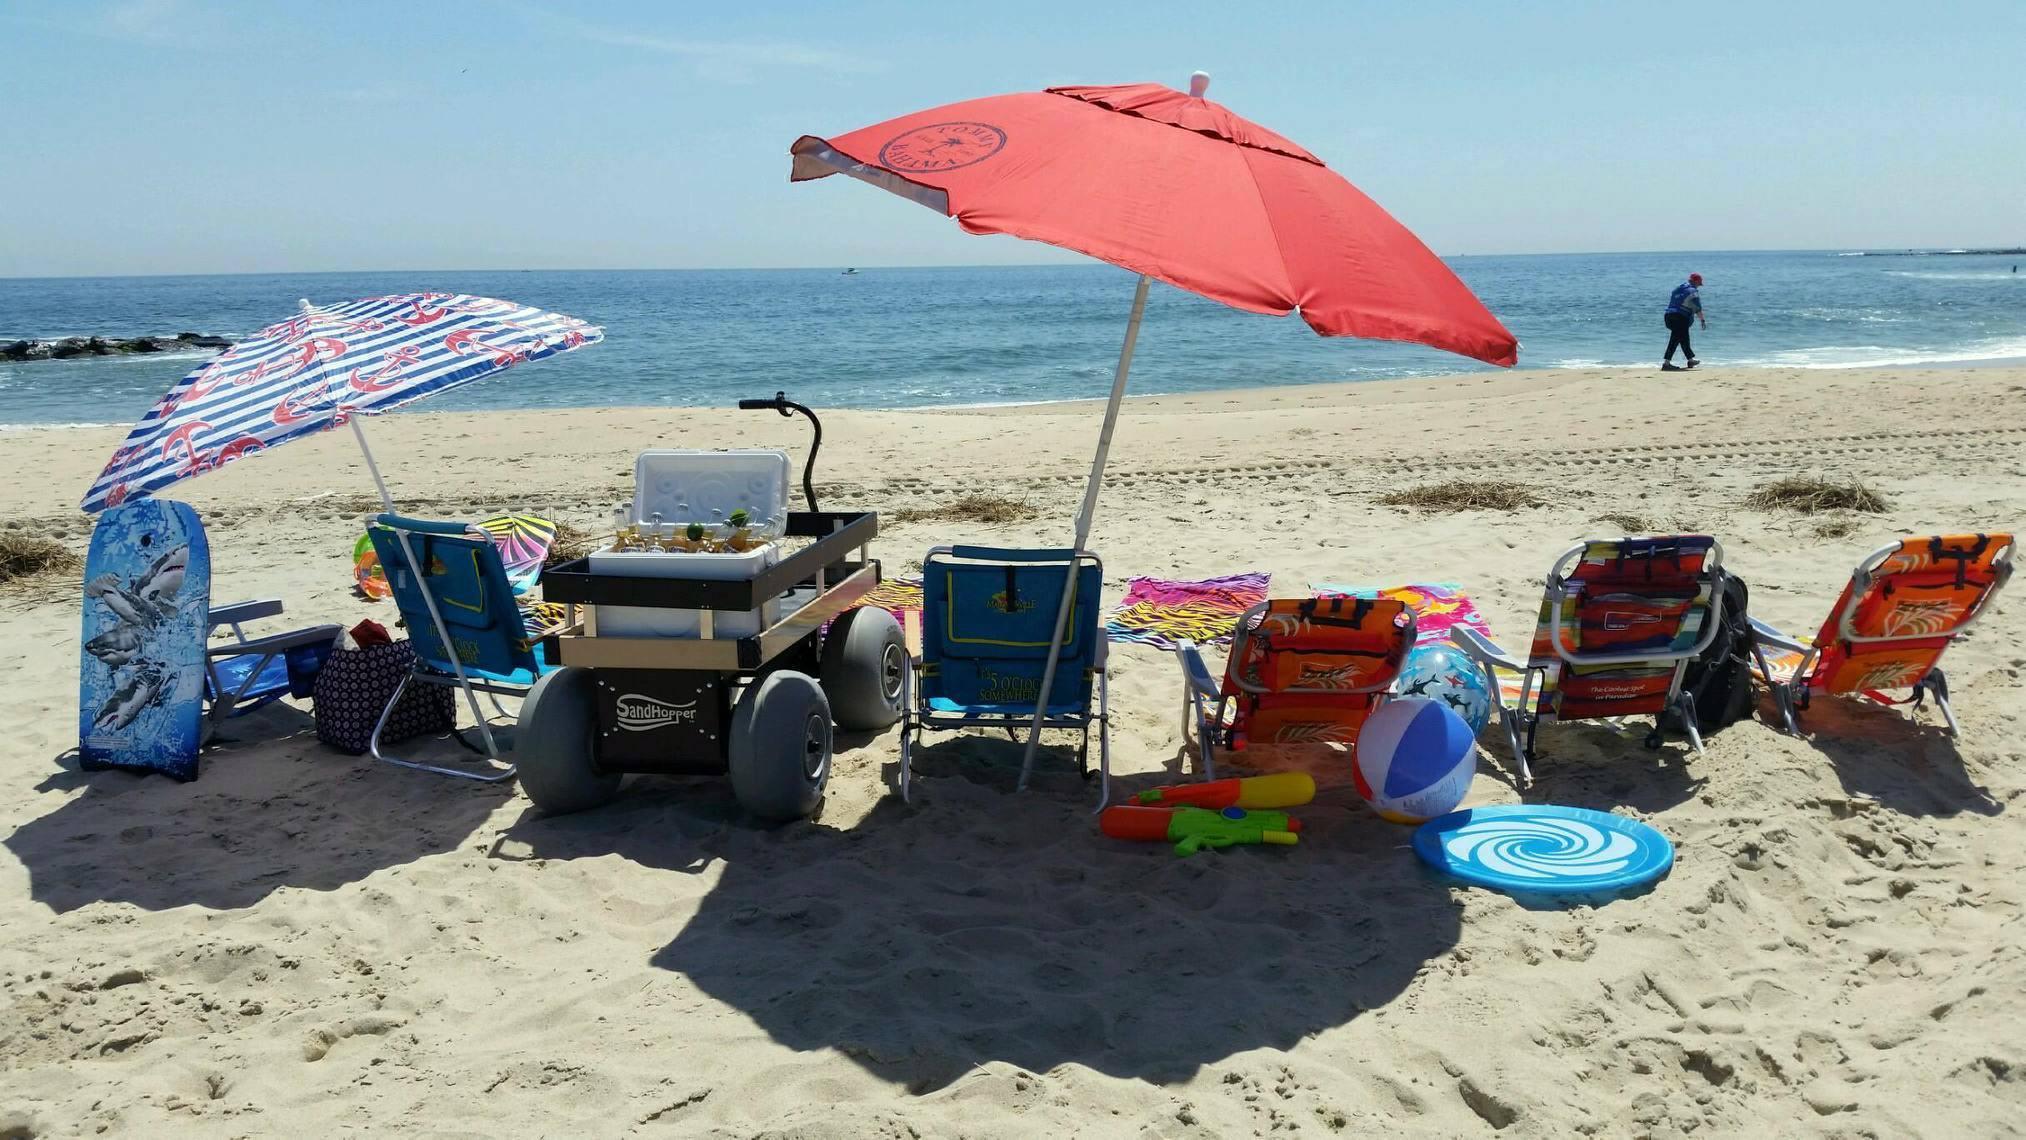 electric-beach-cart-at-the-beach2